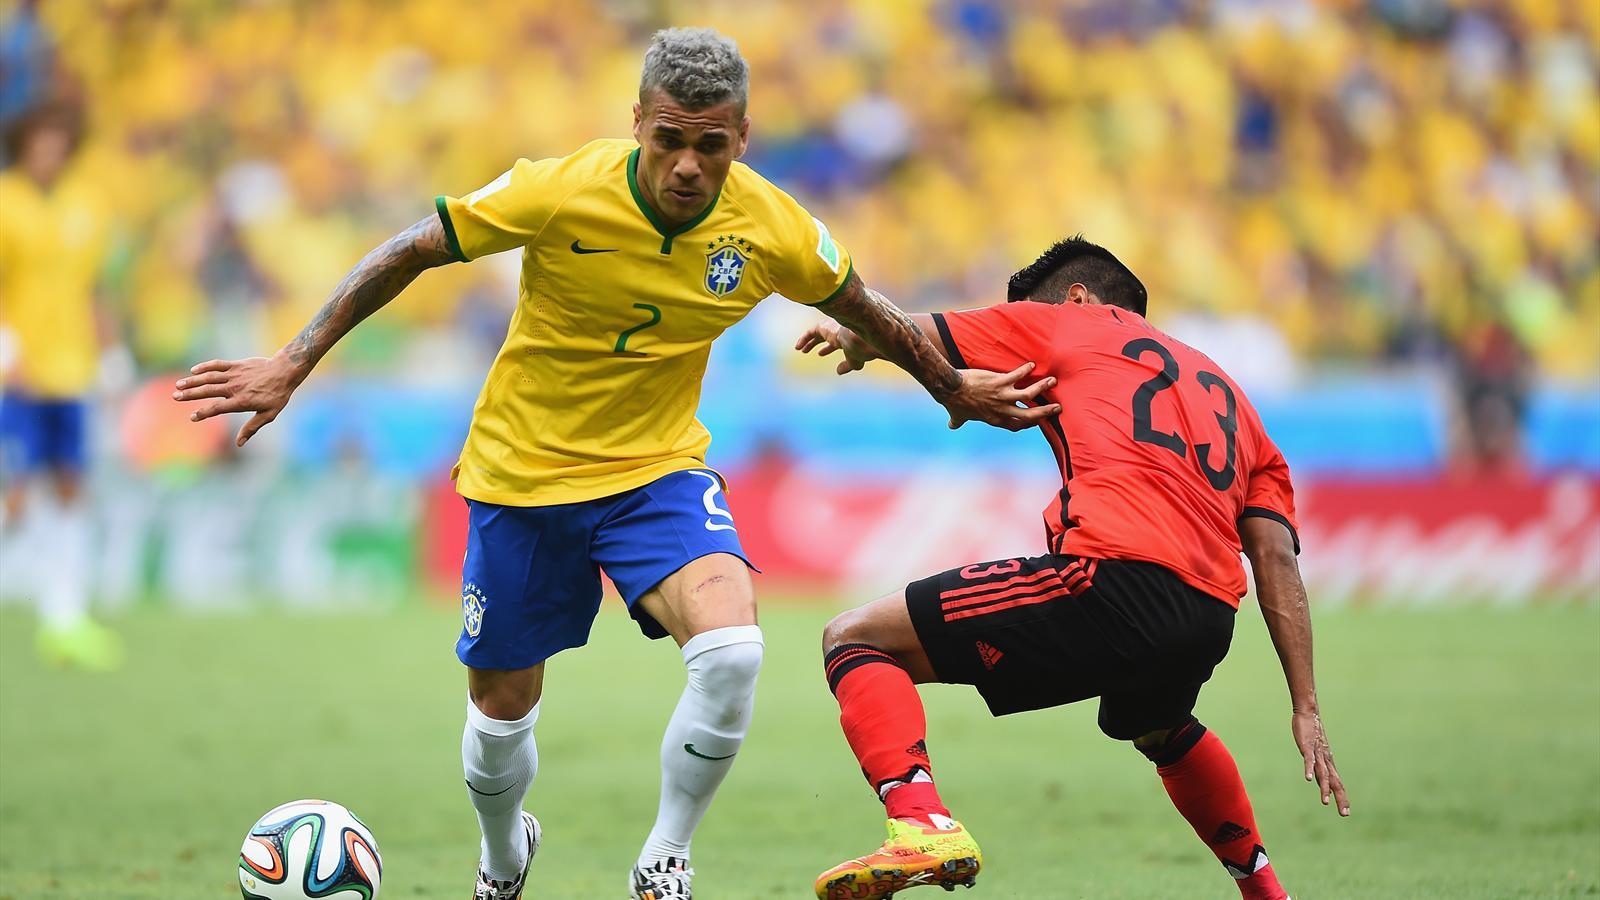 Brésil : Dani Alves remplace Danilo blessé